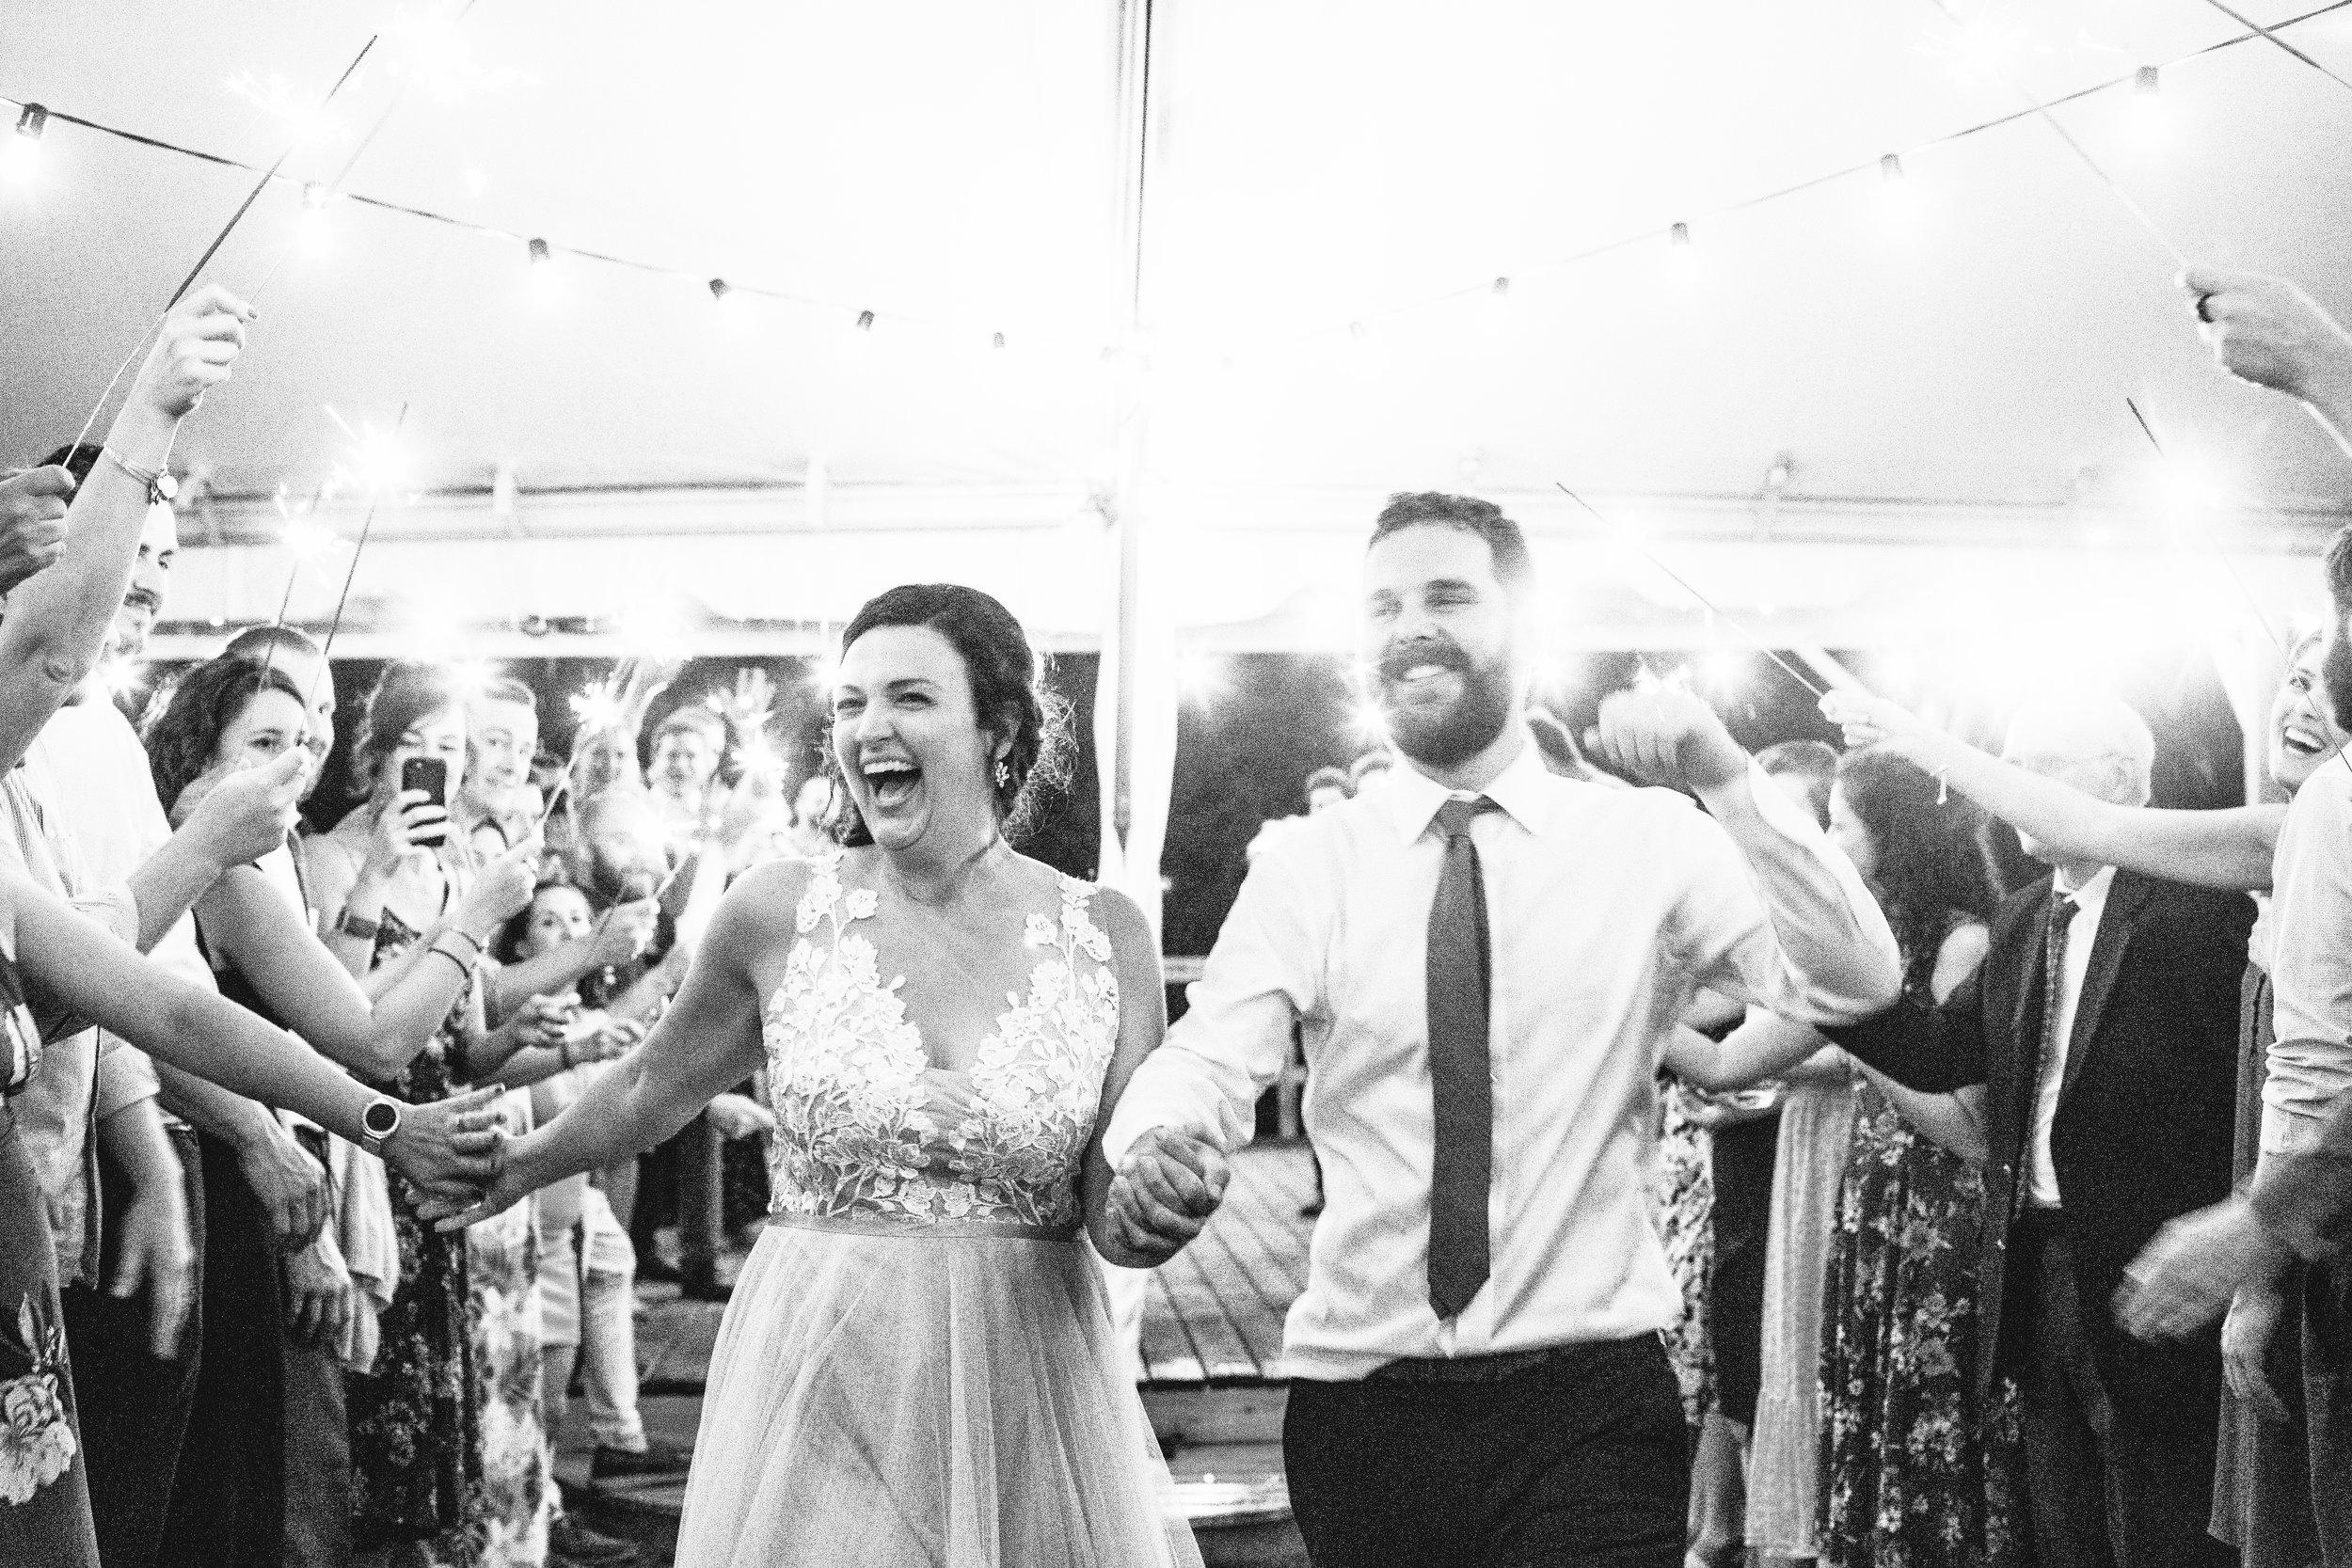 Wedding-29-2.jpg